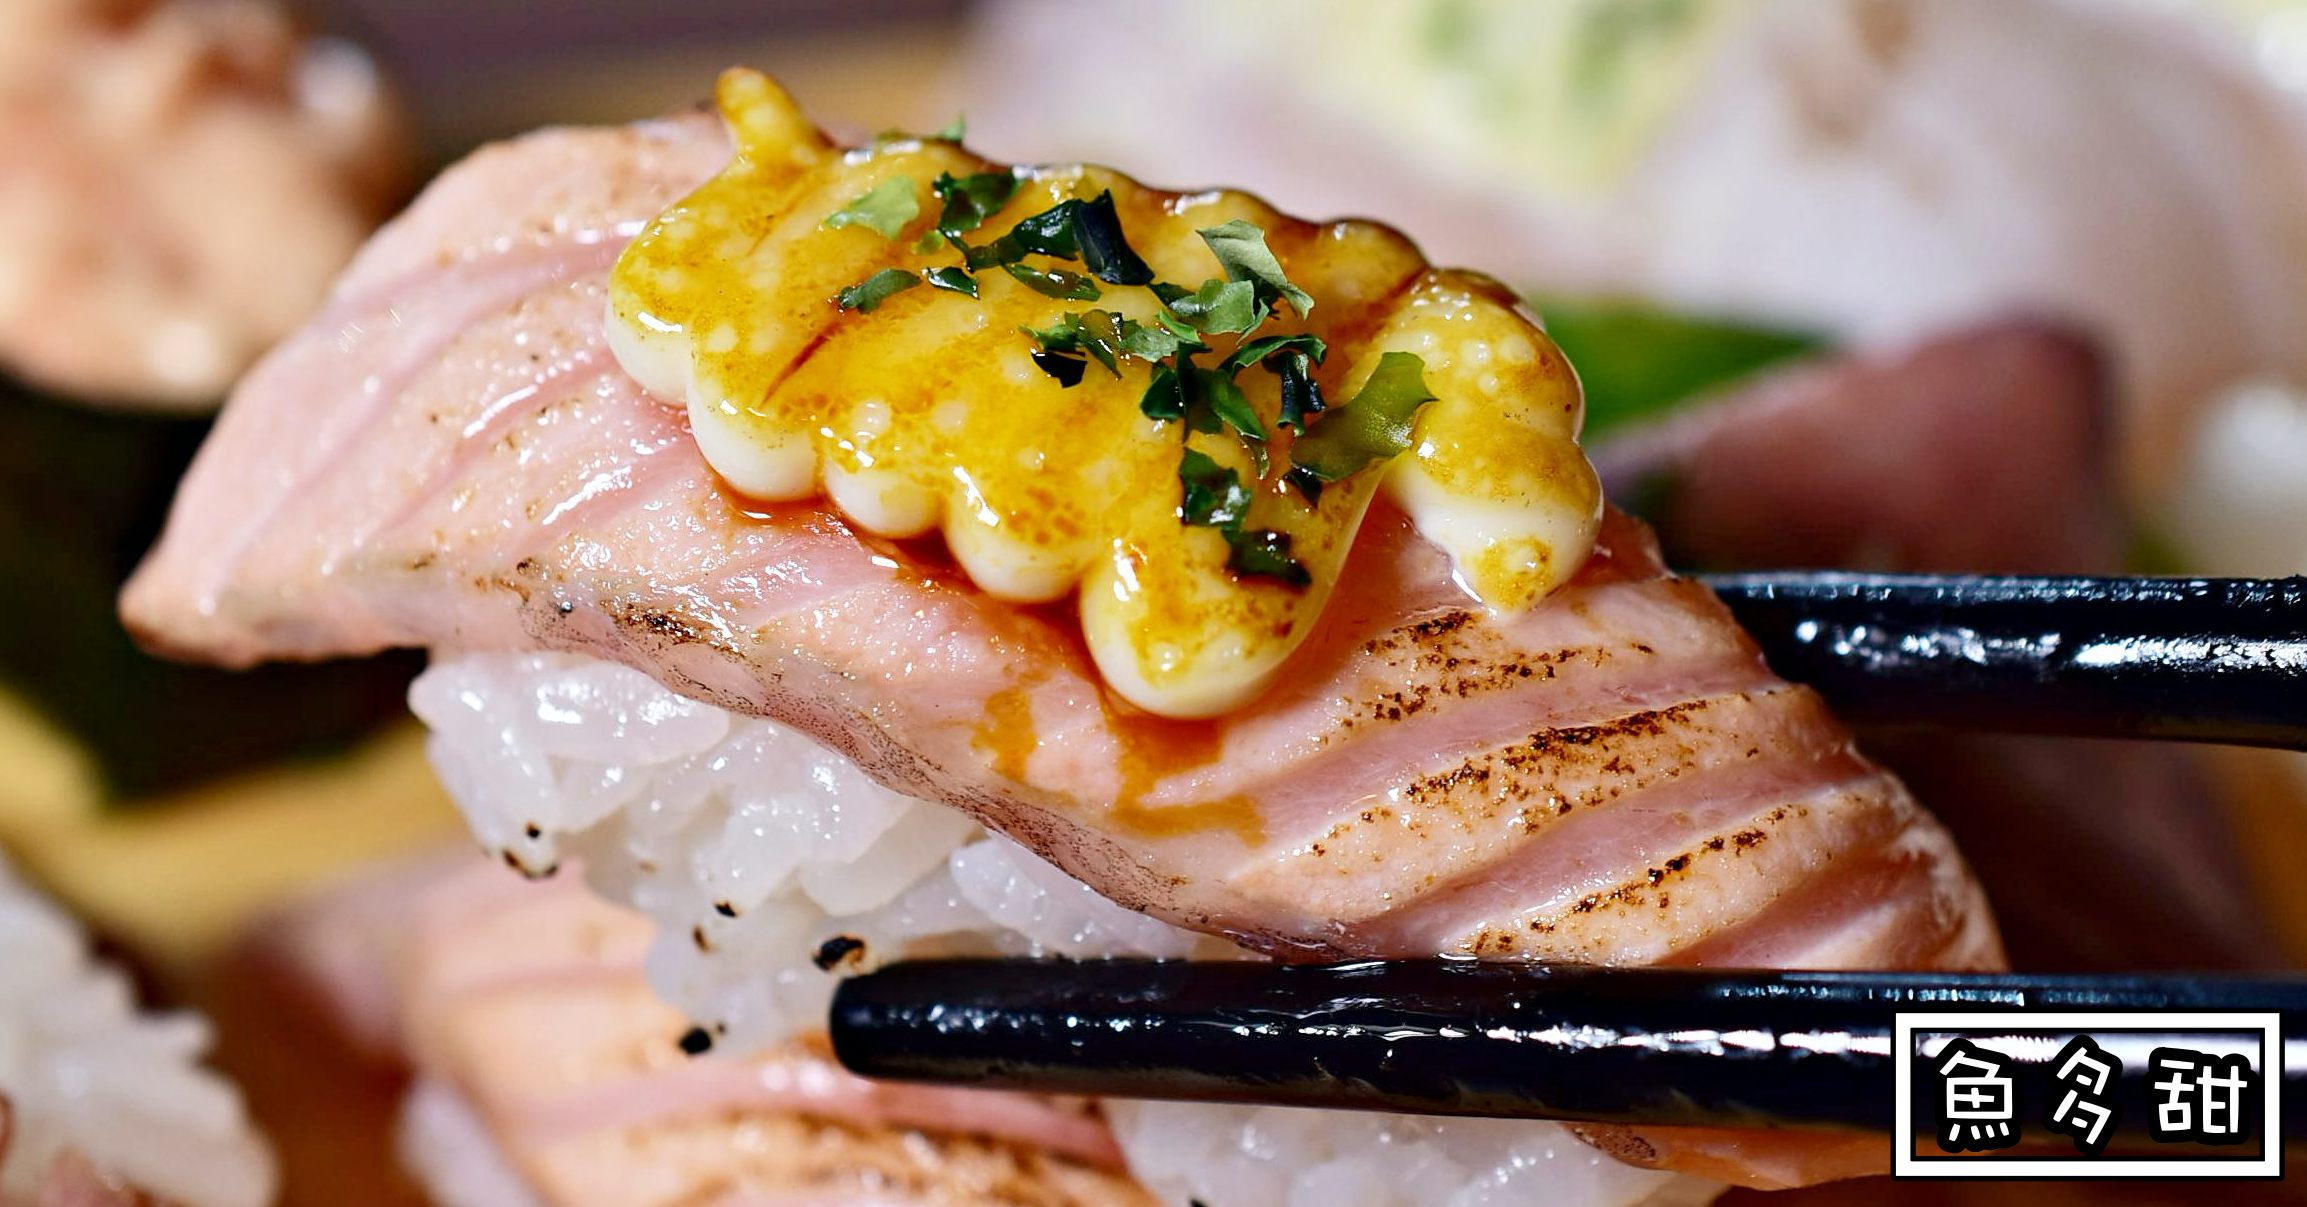 魚多甜,魚多甜菜單,魚多甜營業時間,魚多甜推薦,輔大美食推薦,輔大美食 @Nash,神之領域